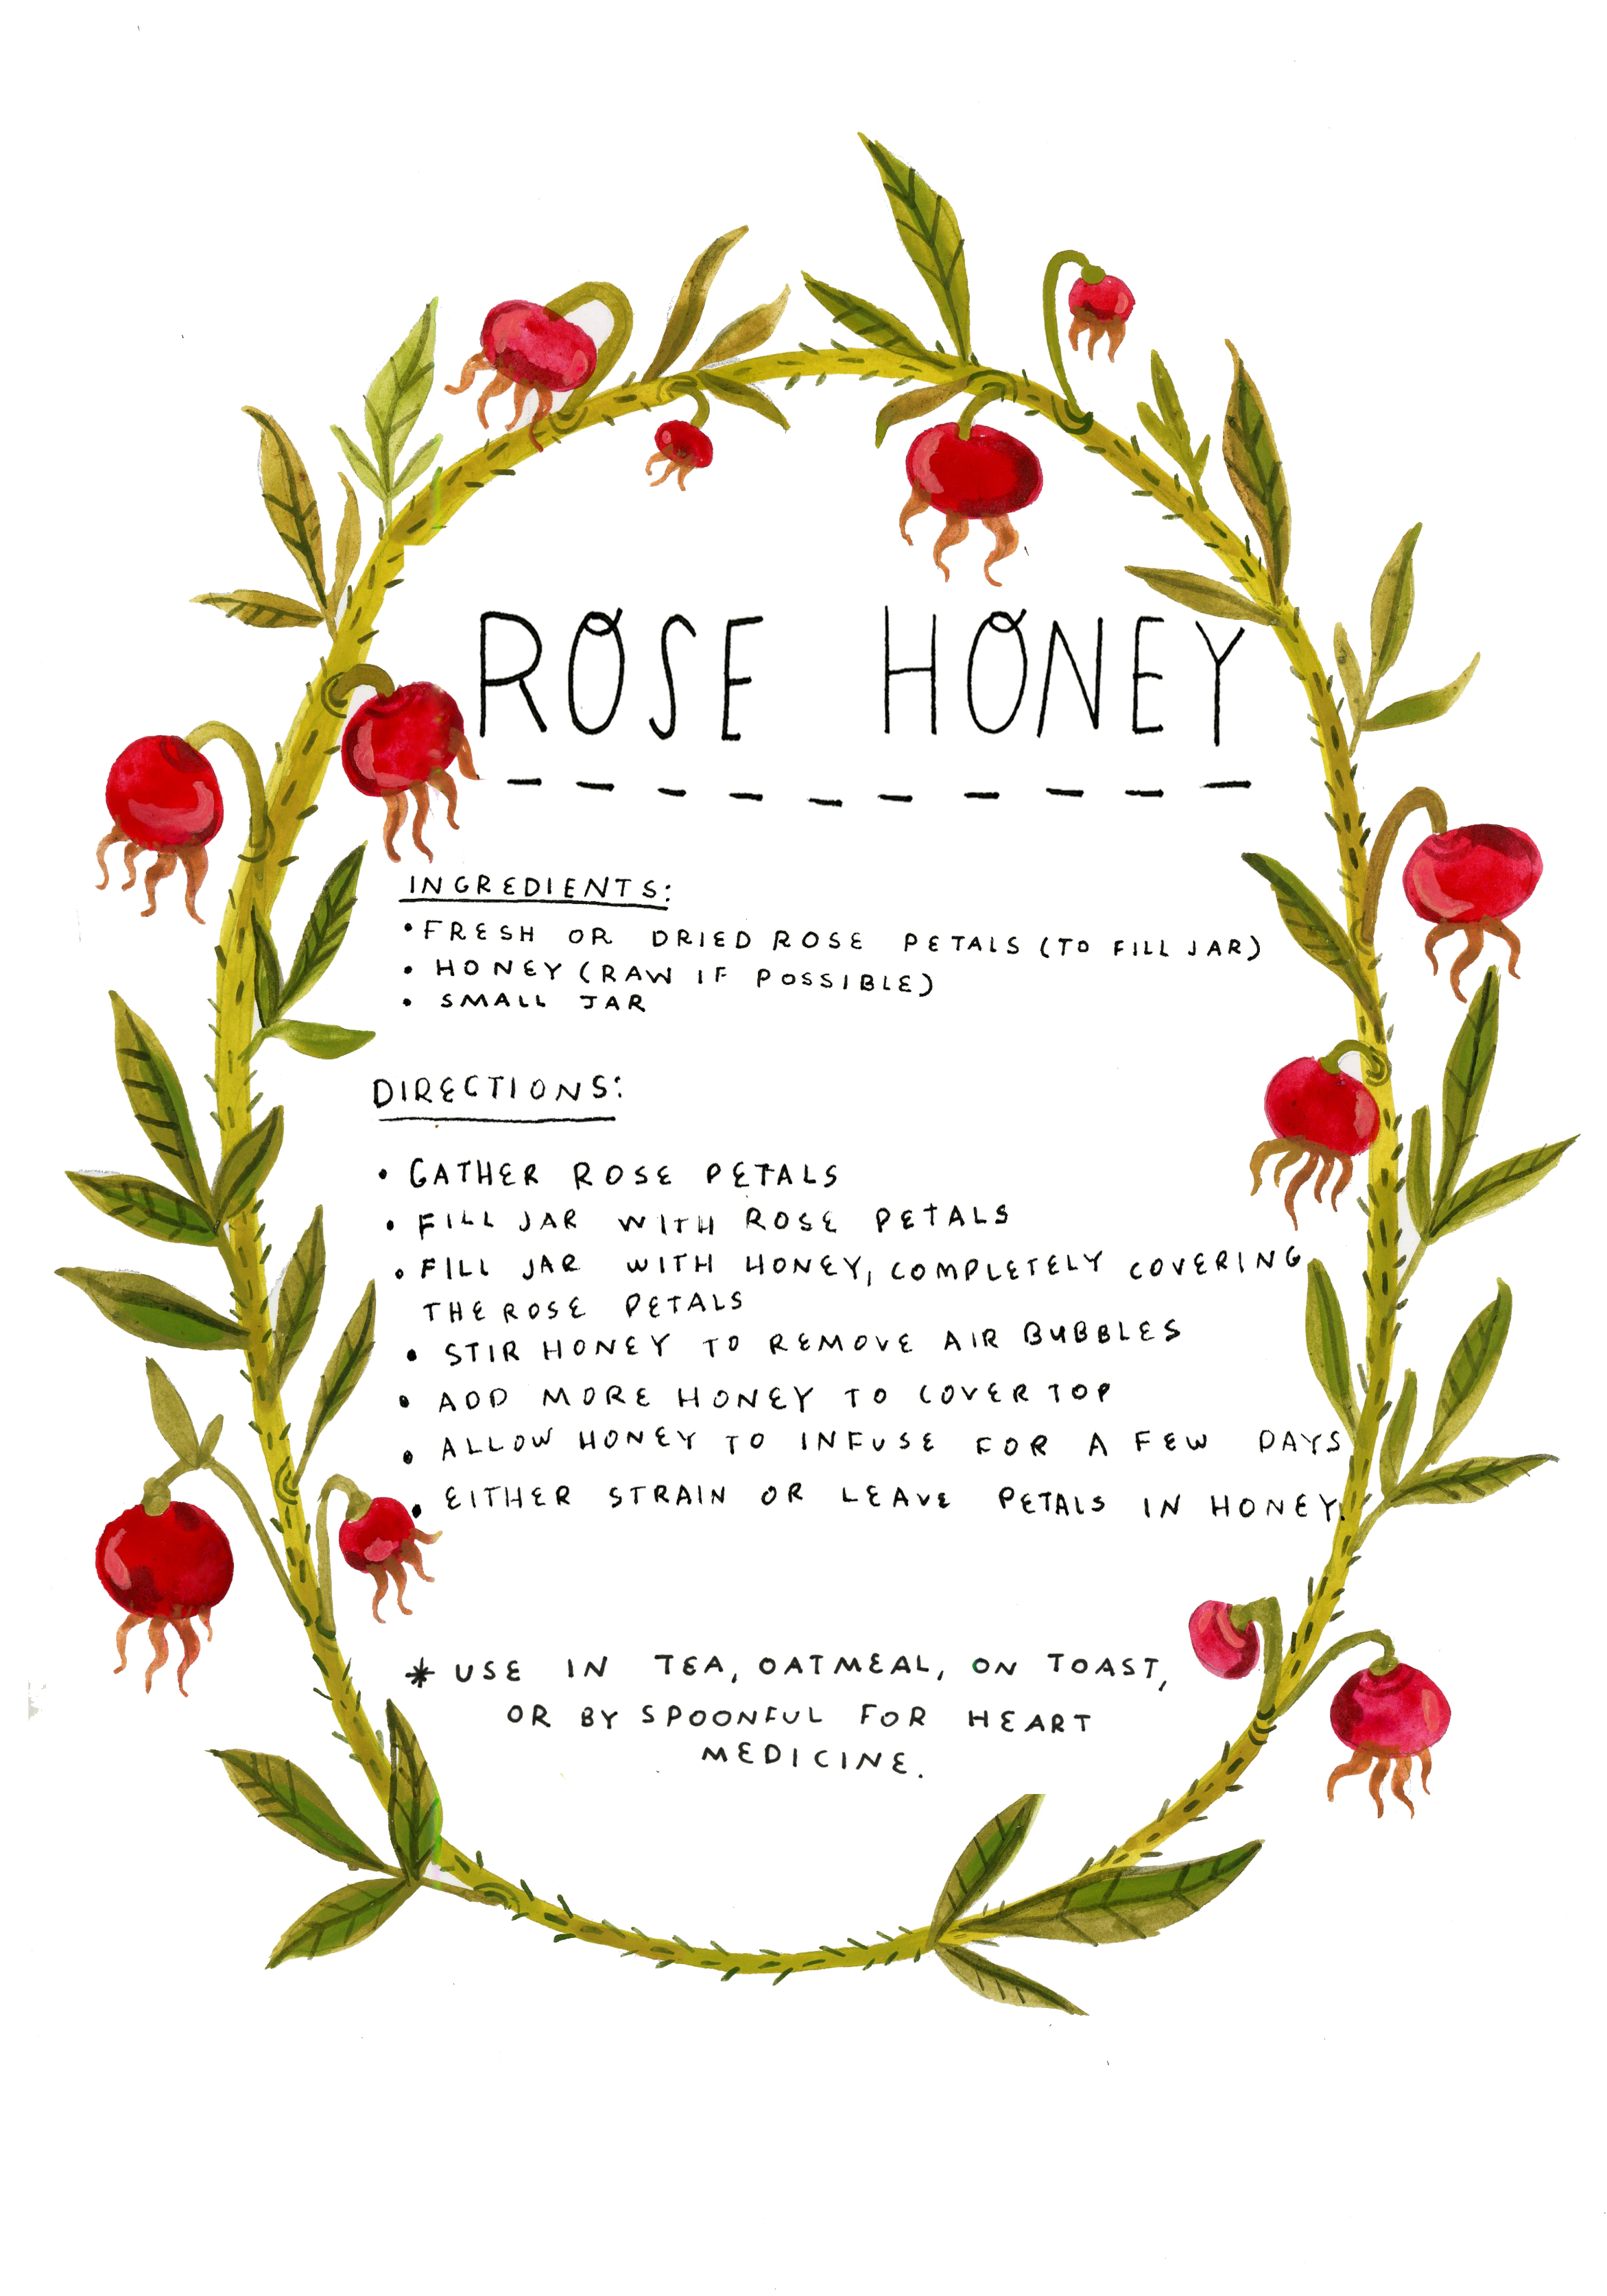 rosehoney.jpg